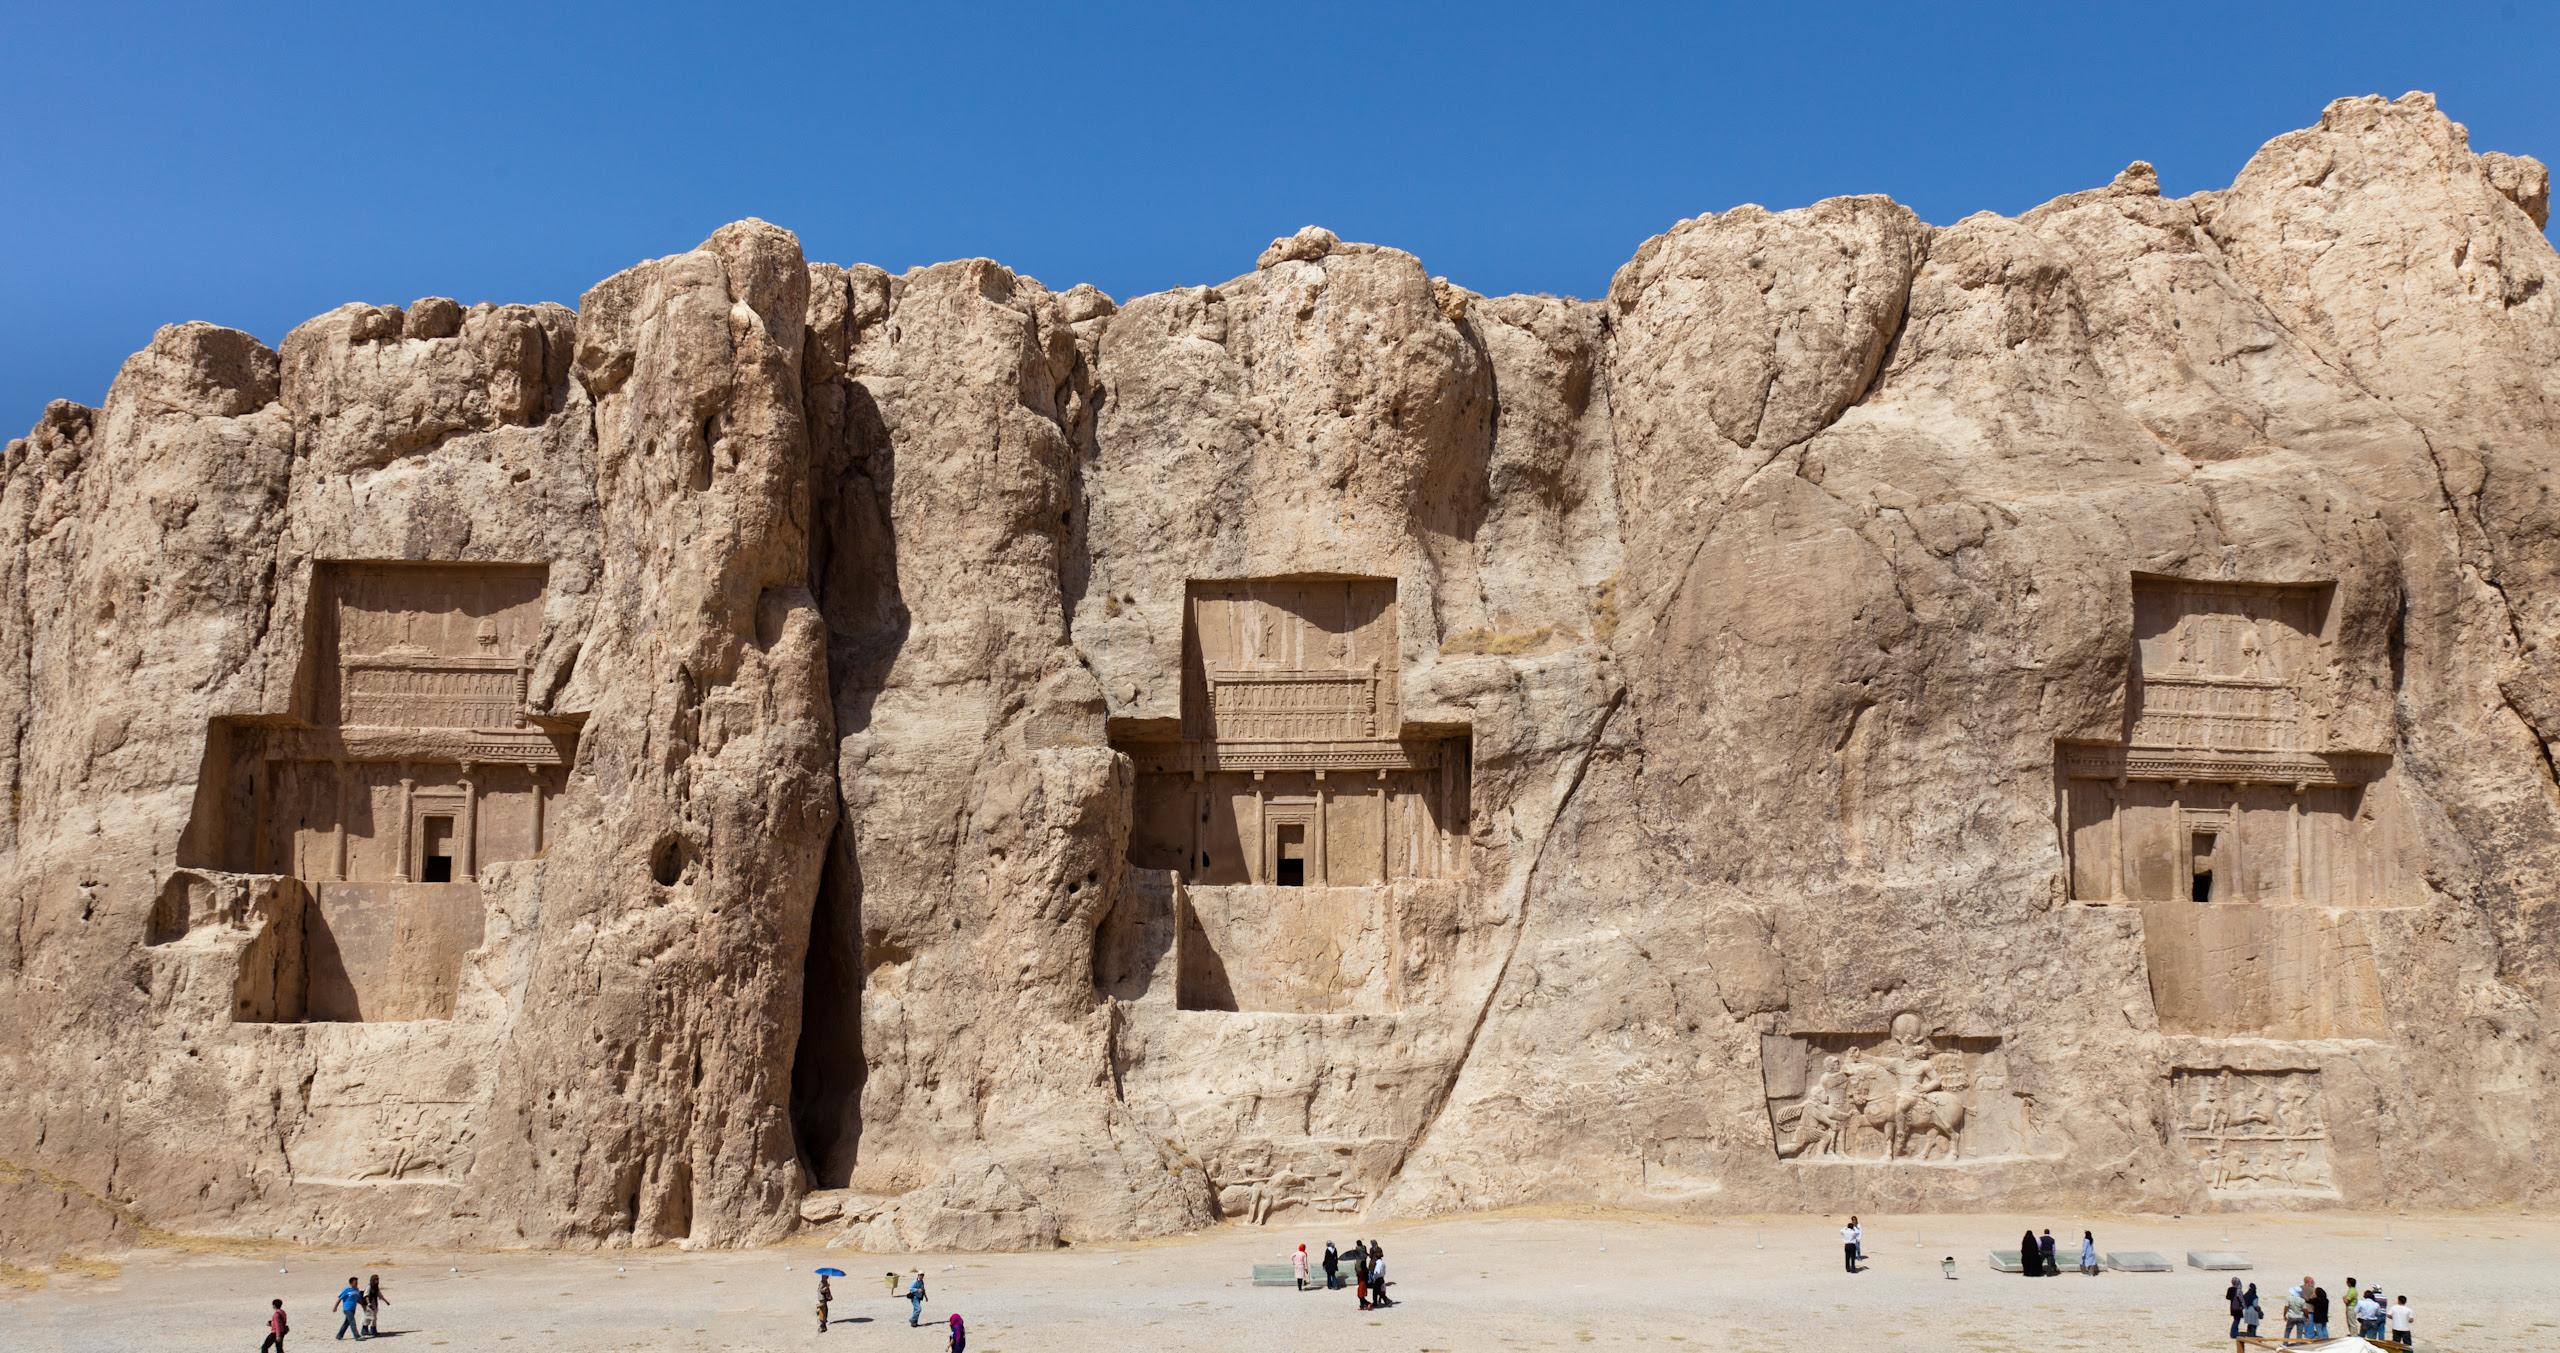 Évszázadokkal a nabateusok (Petra sziklavárosa) előtt a sziklába vájták a nagy uralkodóik sírjait